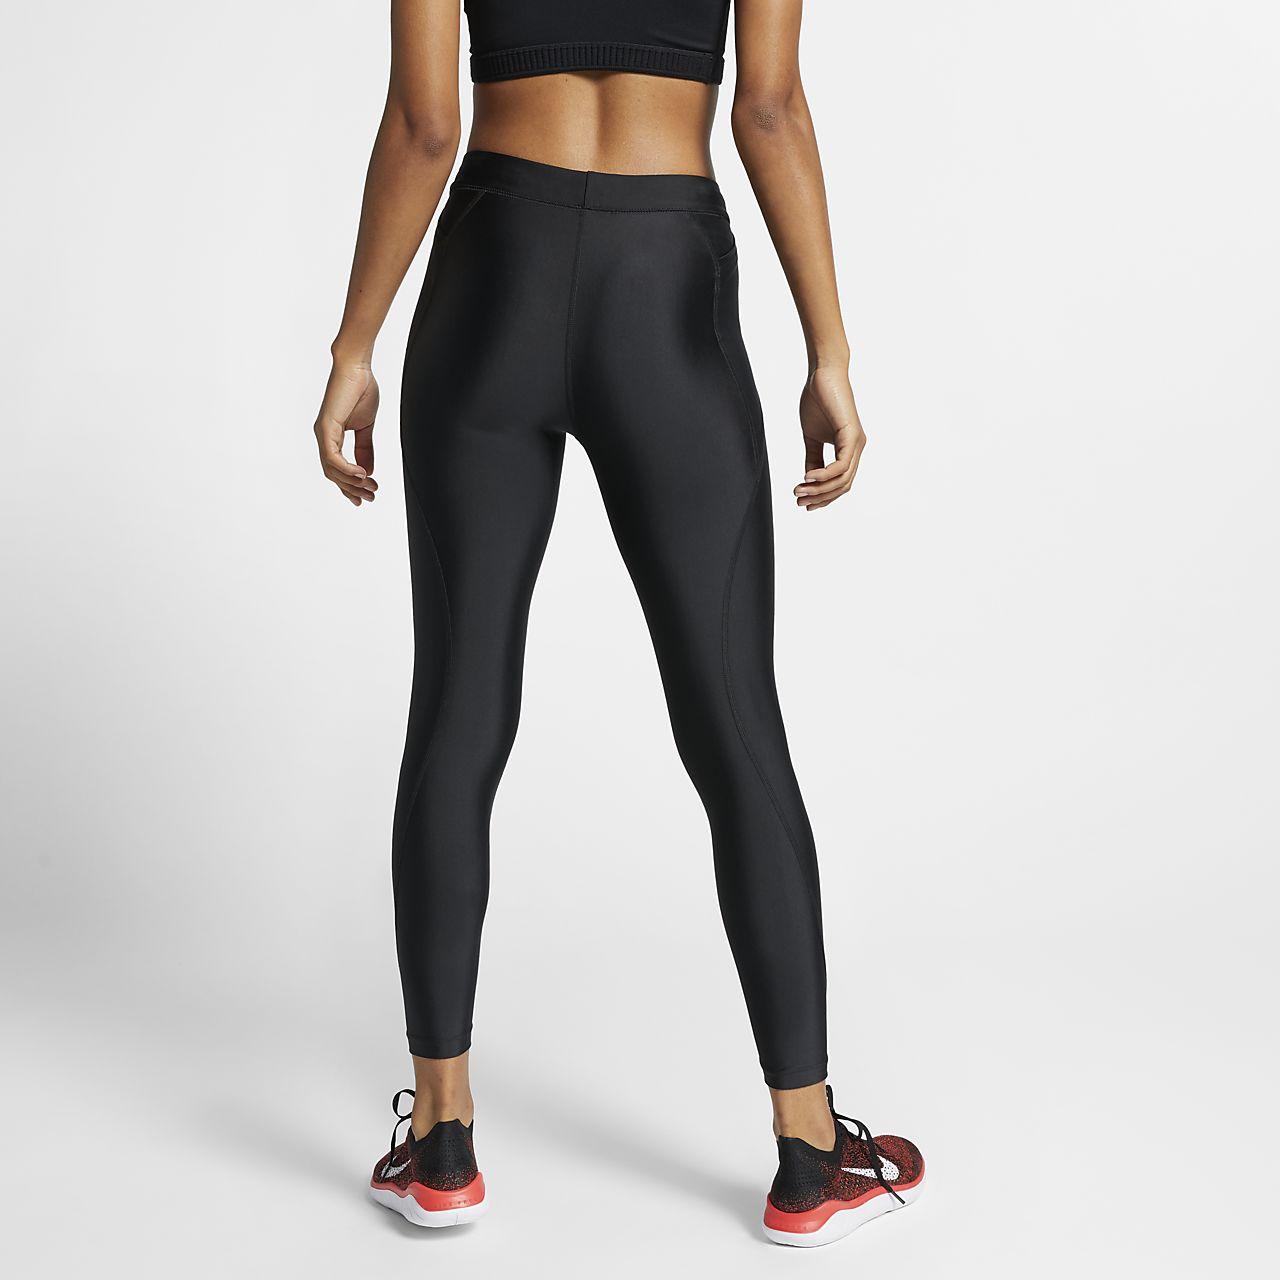 8355b4dc351 Nike Speed 7/8-hardlooptights voor dames. Nike.com BE